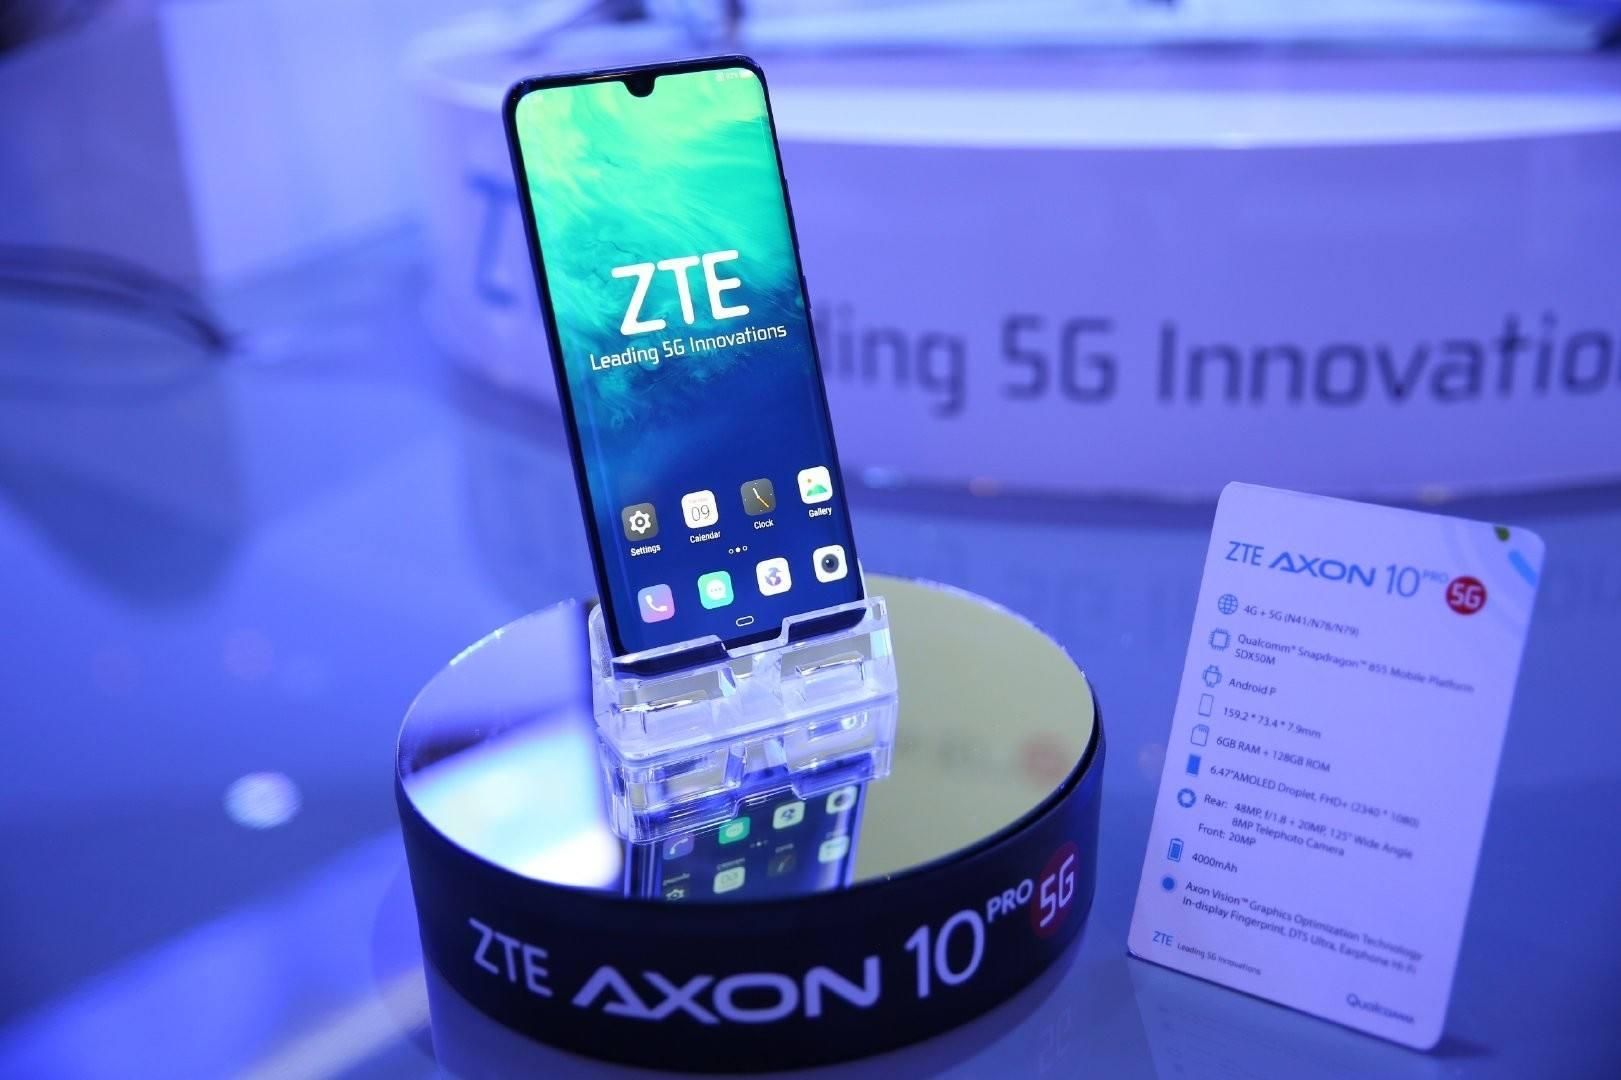 中兴天机Axon 10 Pro 5G今日开售 支持5G/4G双卡双待